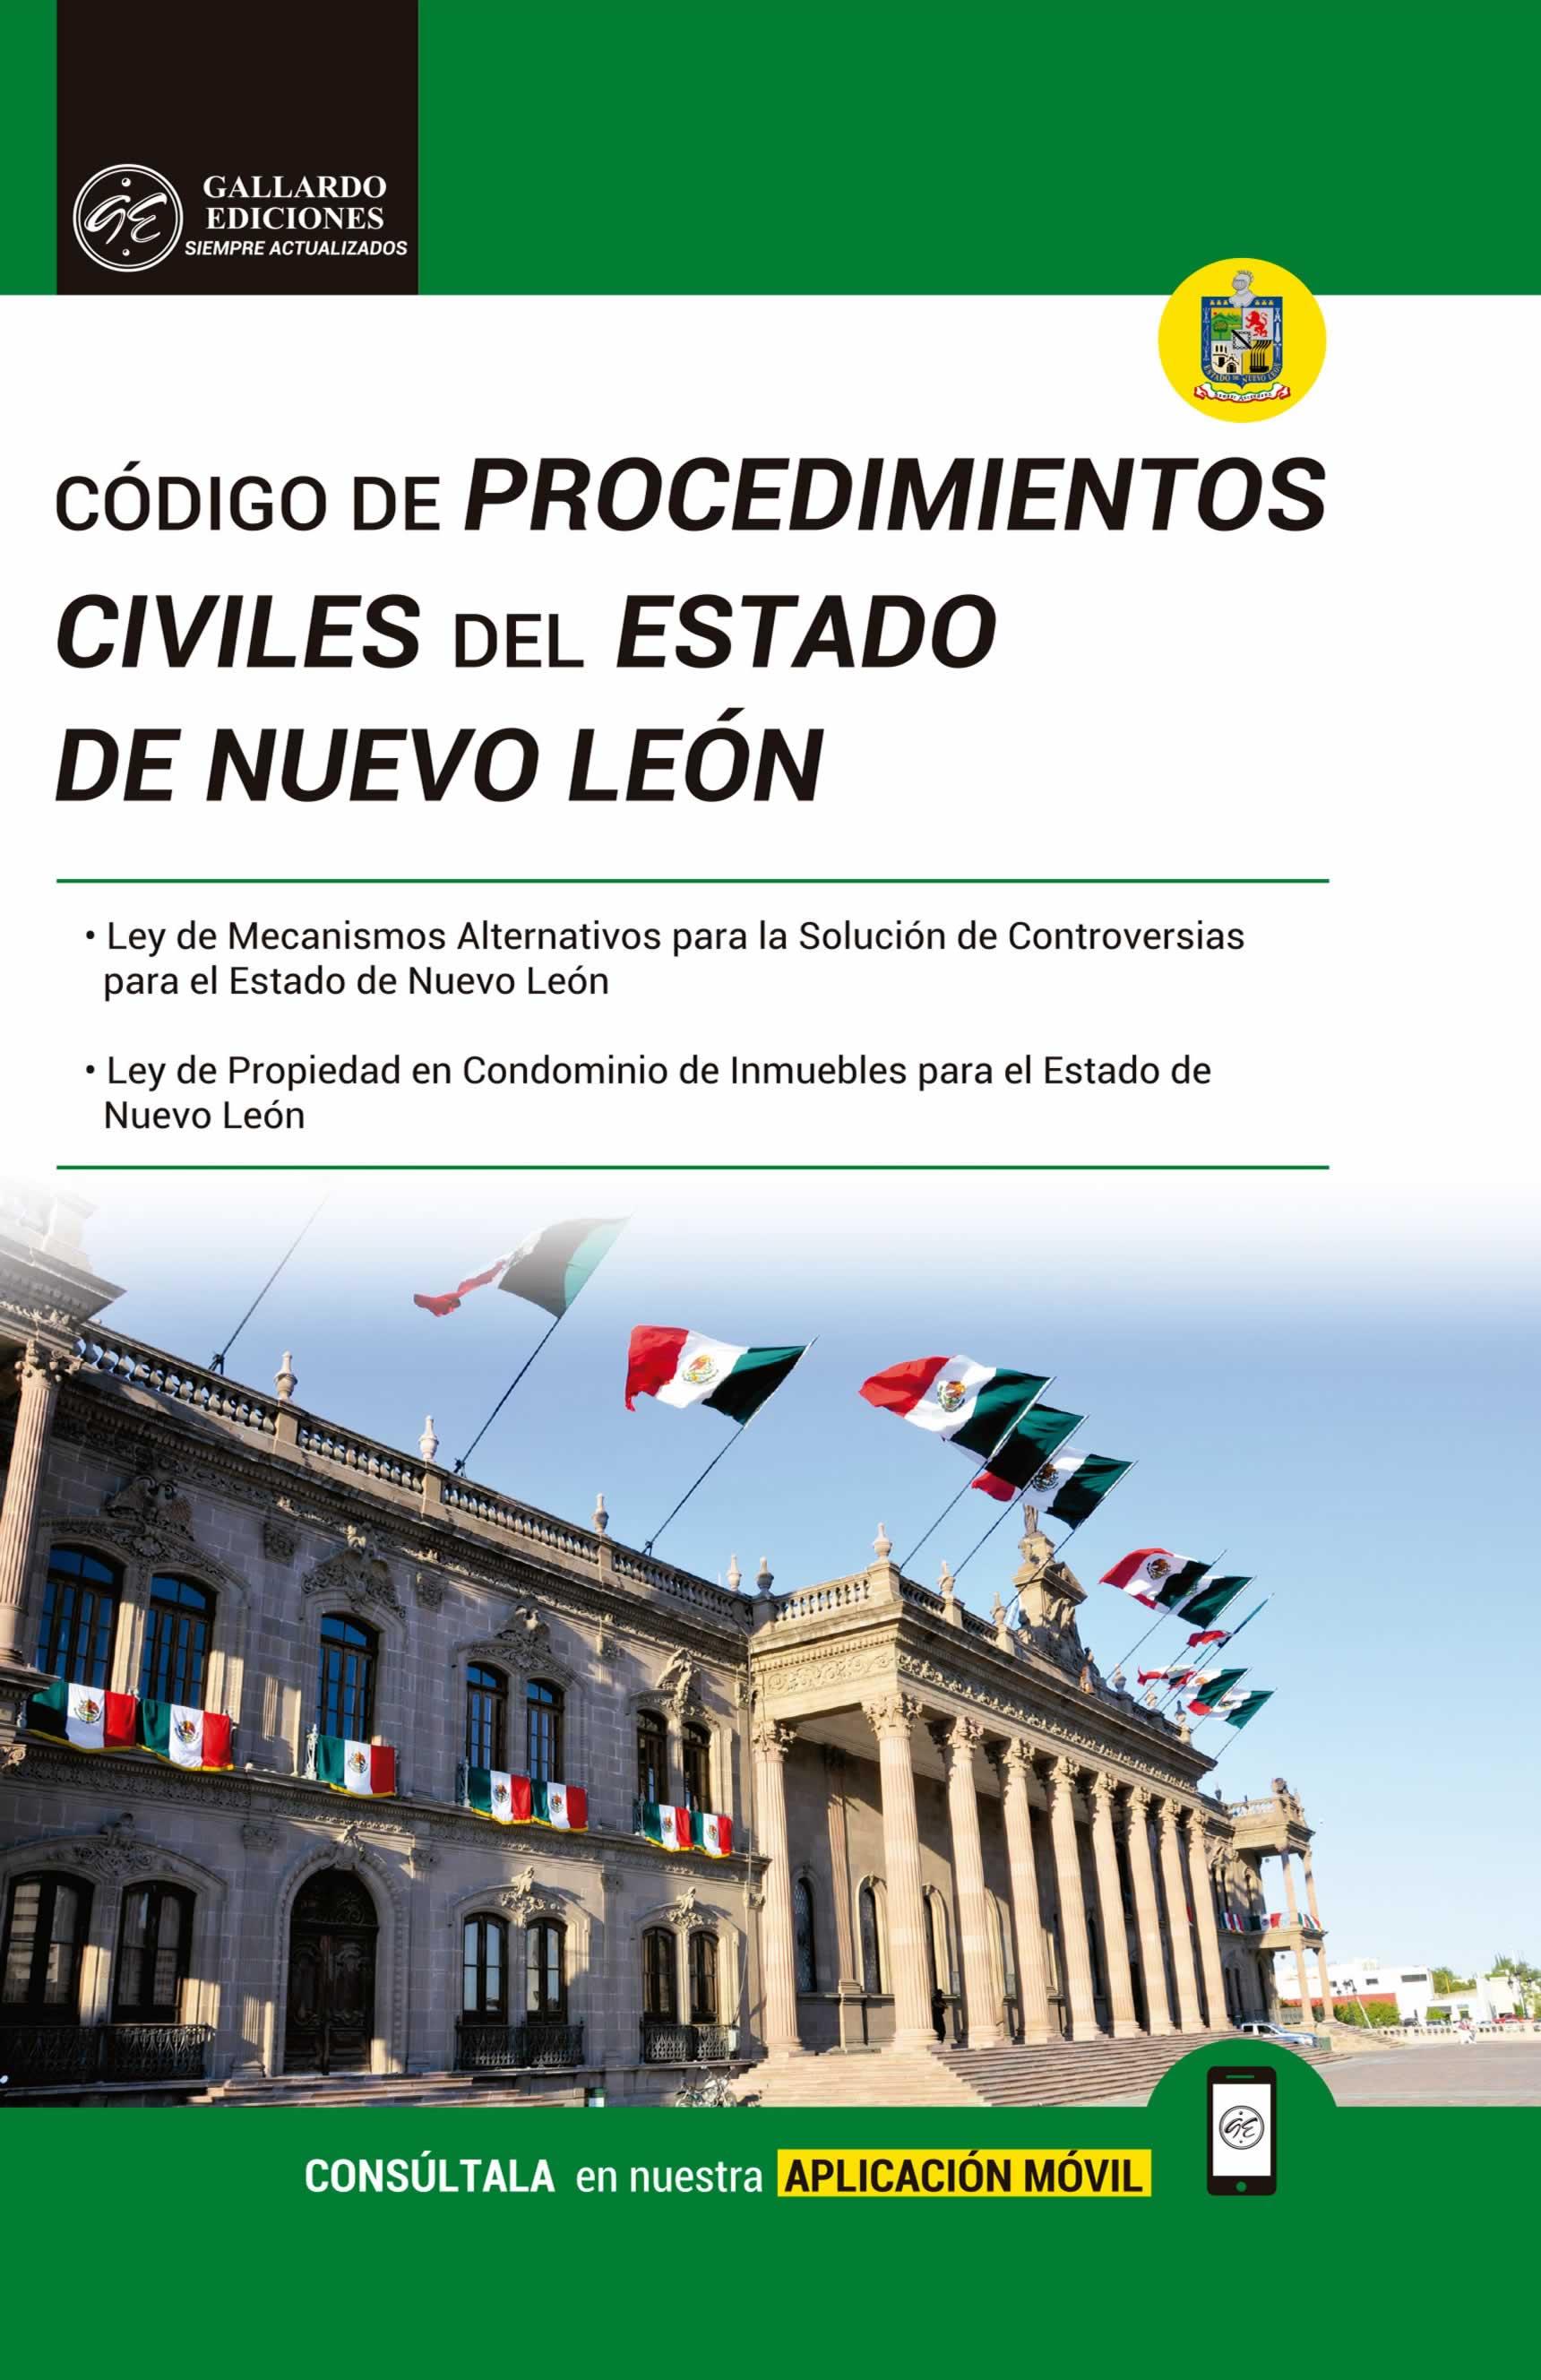 Codigo de Procedimientos Civiles de Nuevo León 2018